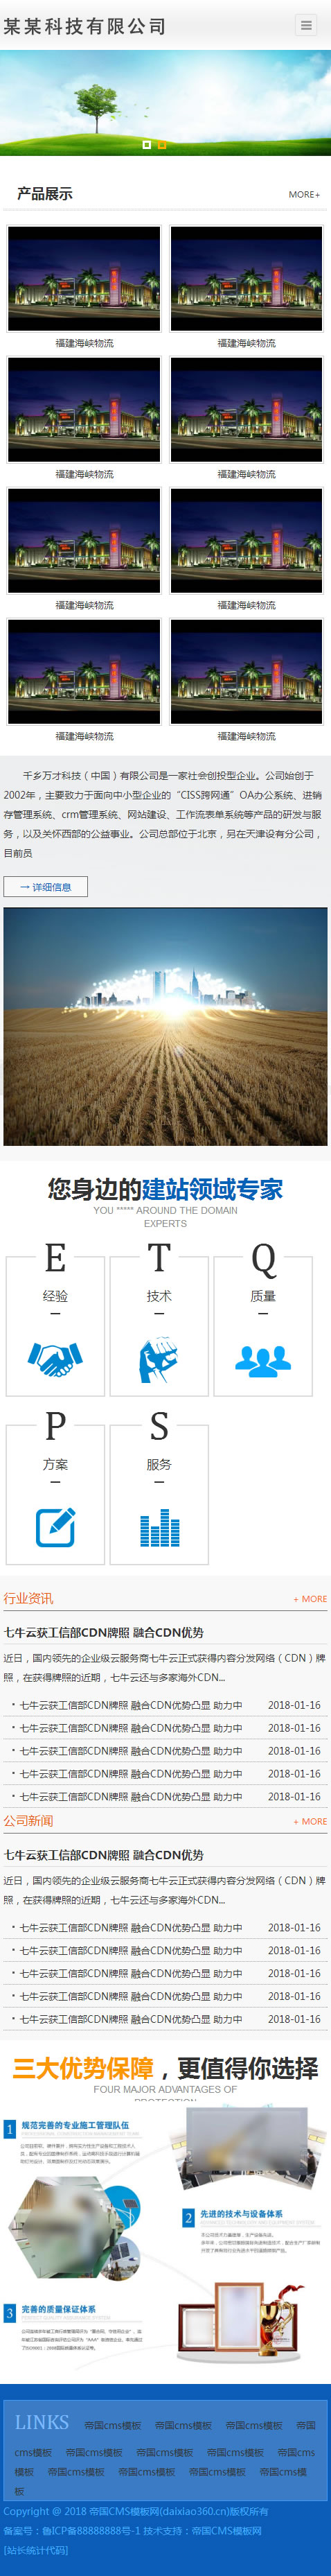 蓝色帝国cms企业模板自适应响应式企业通用类网站模板_手机版首页